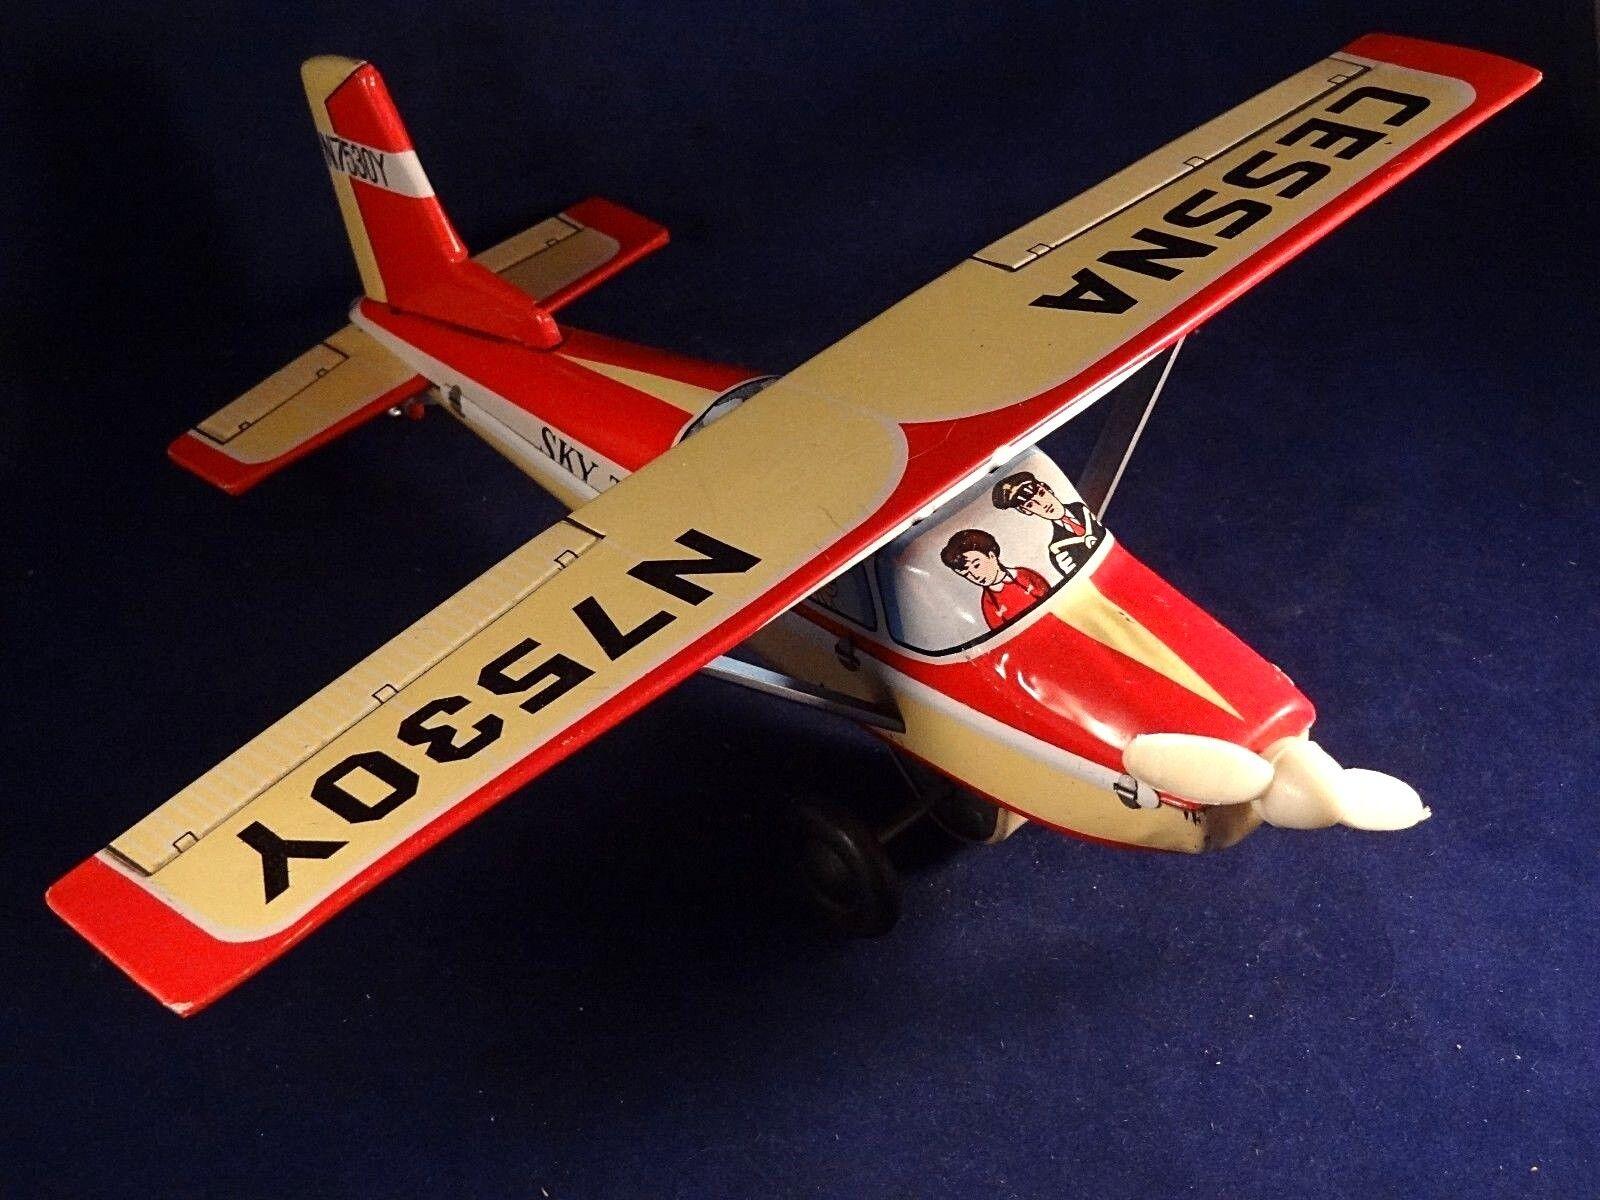 Ancien jouet bel avion CESSNA N7530Y tôle SKY TAXI T.T. Japan années 60